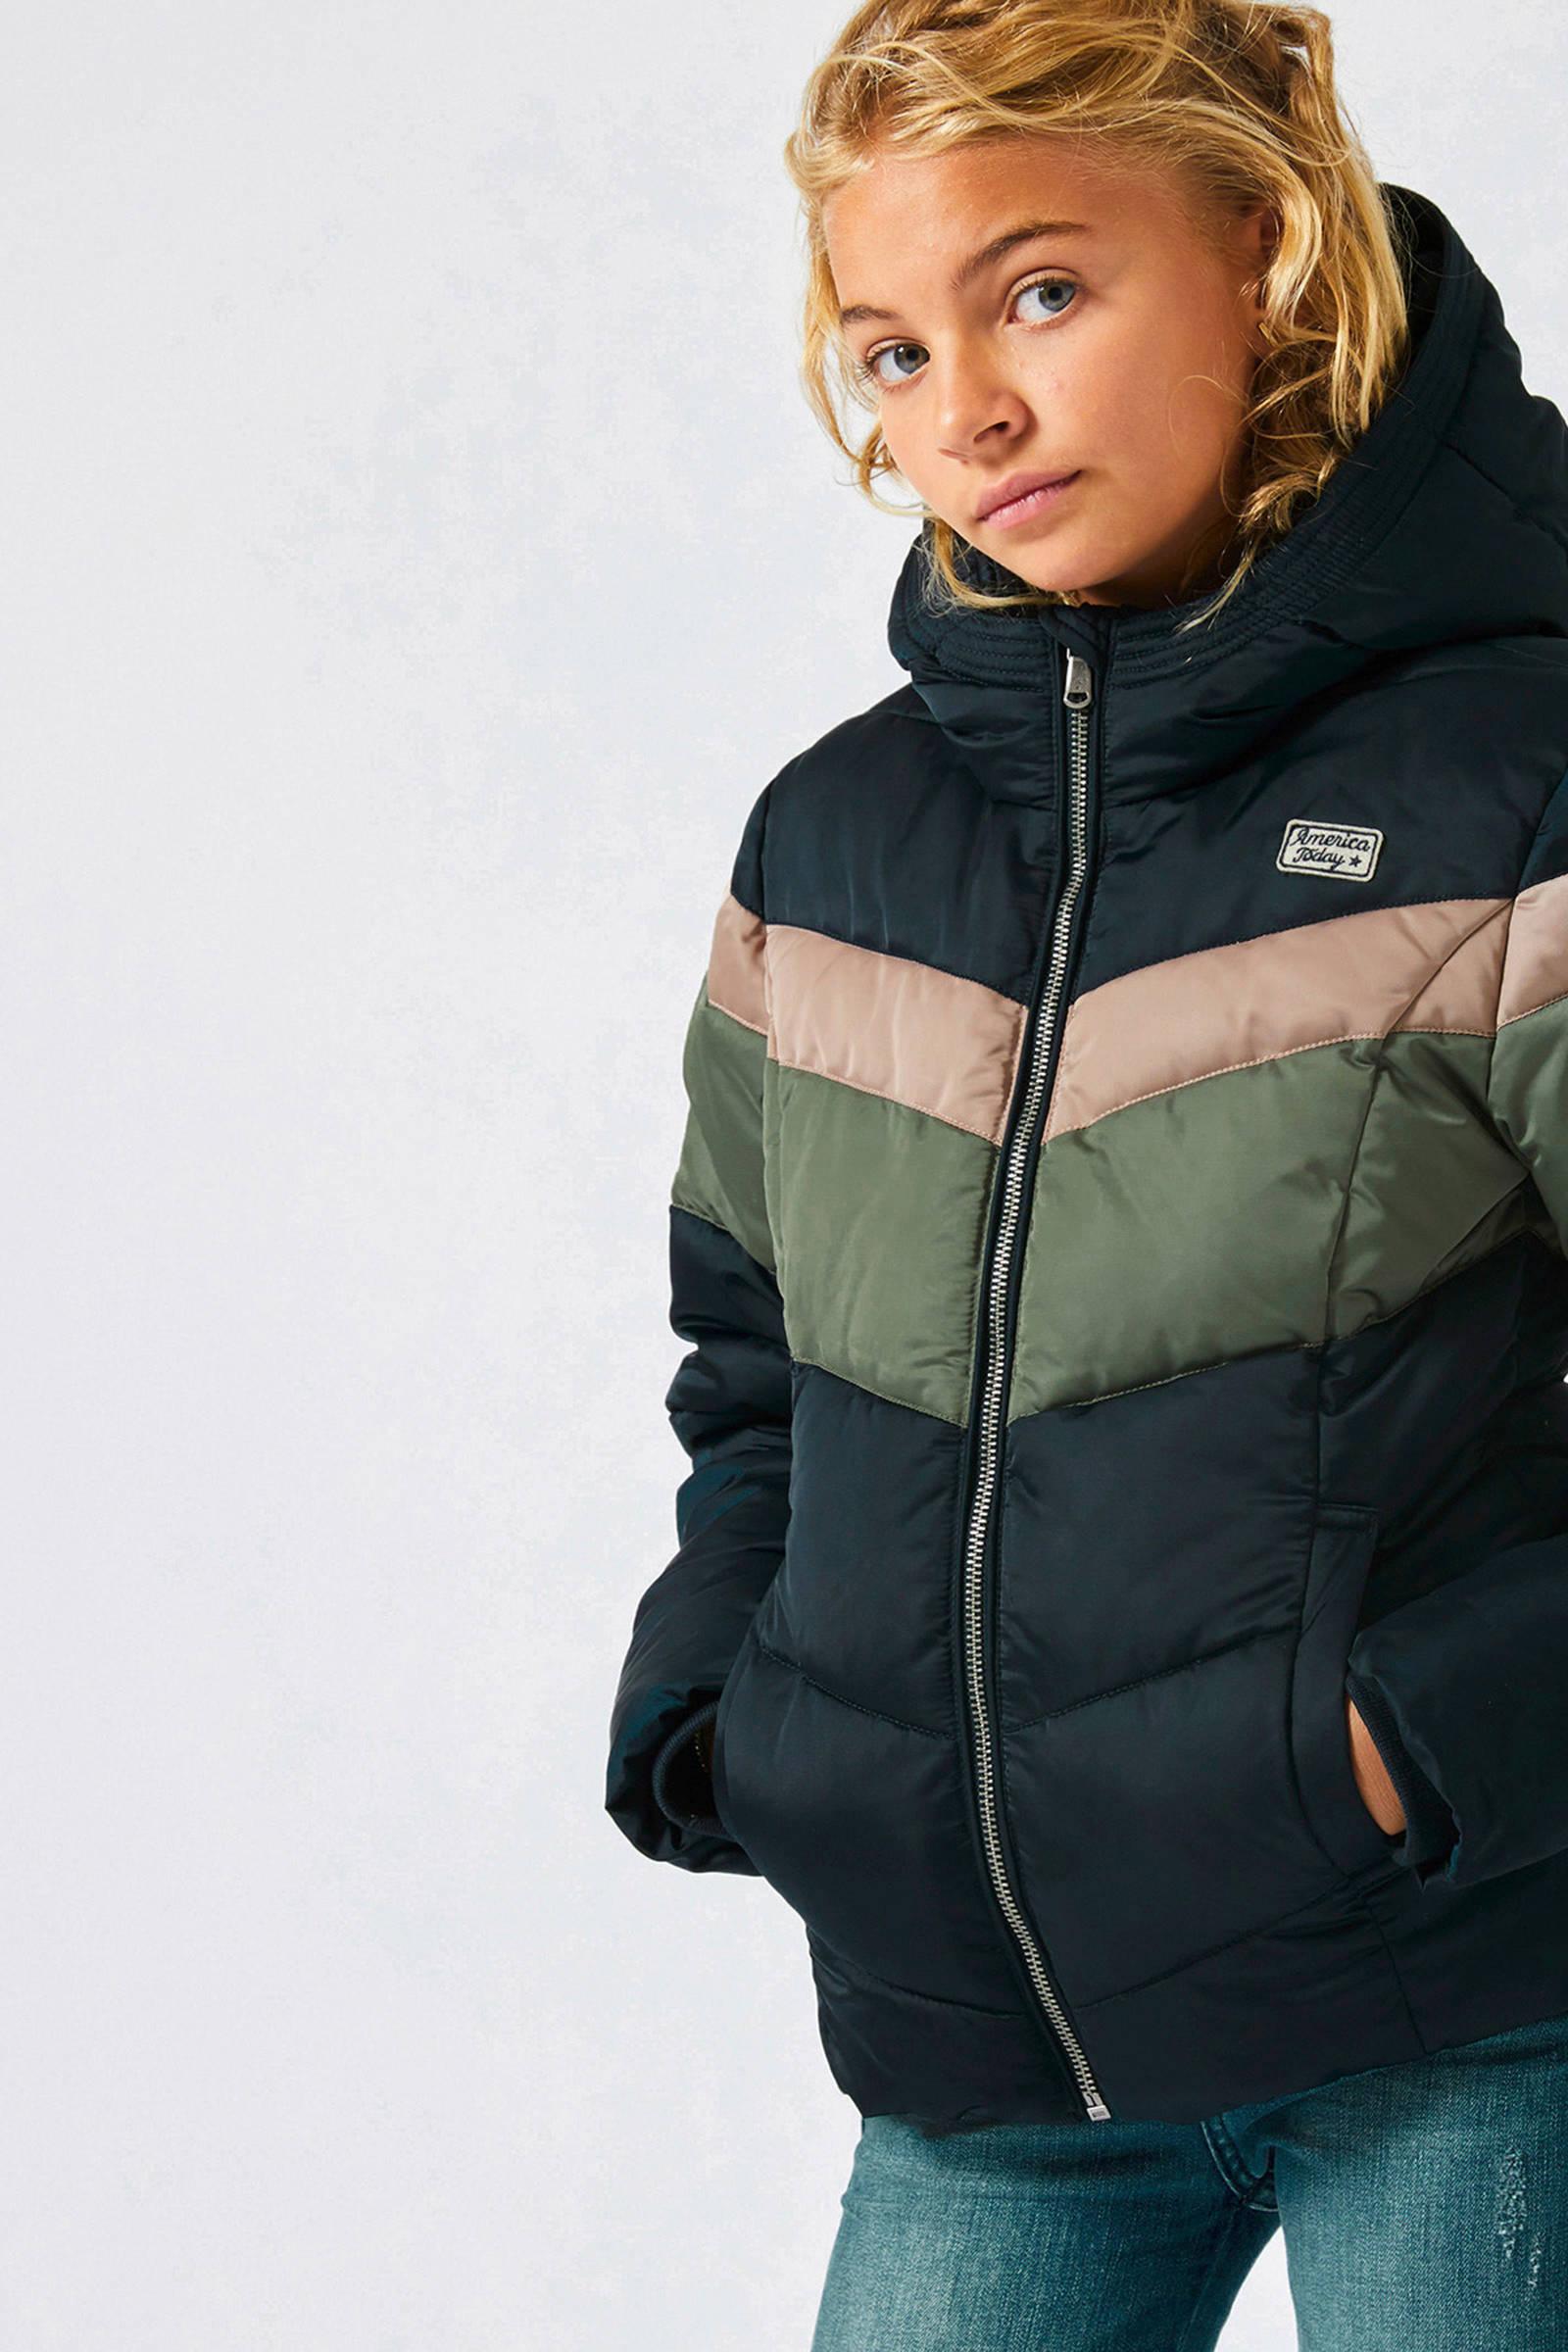 Winterjassen en accessoires voor kinderen bij wehkamp